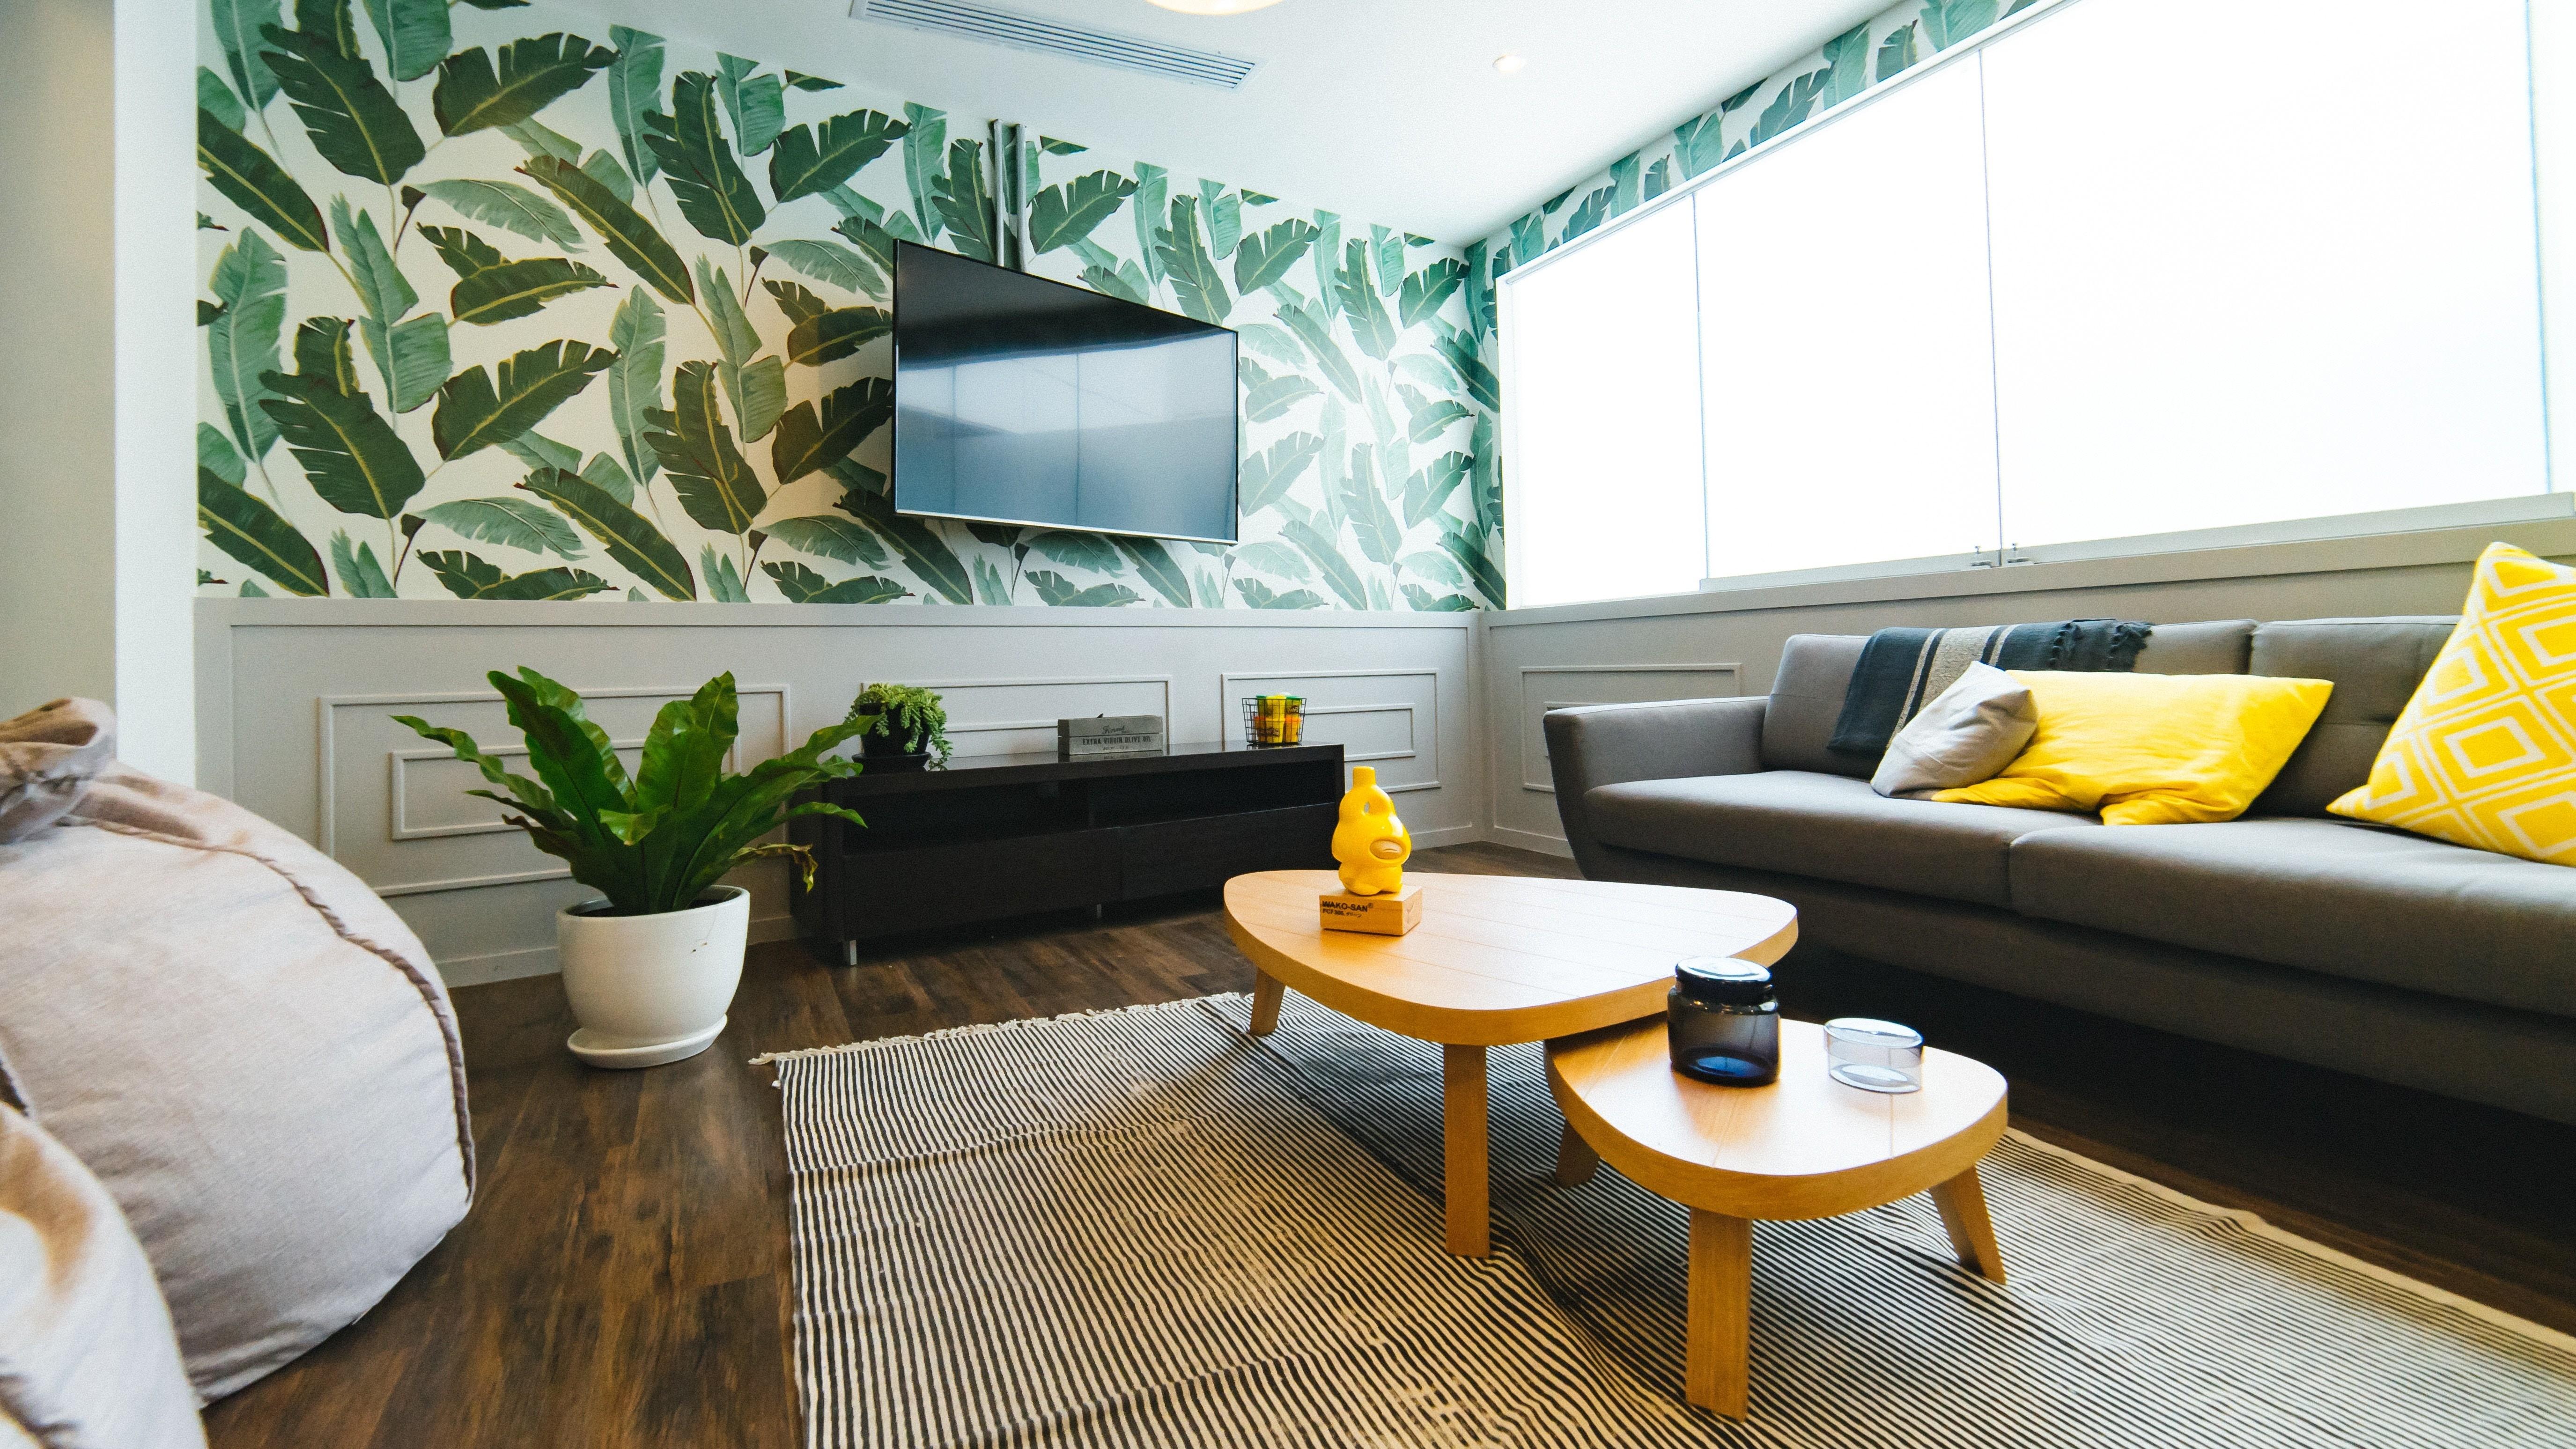 7 лайфхаков по оформлению квартиры, чтобы потом не мучиться с уборкой